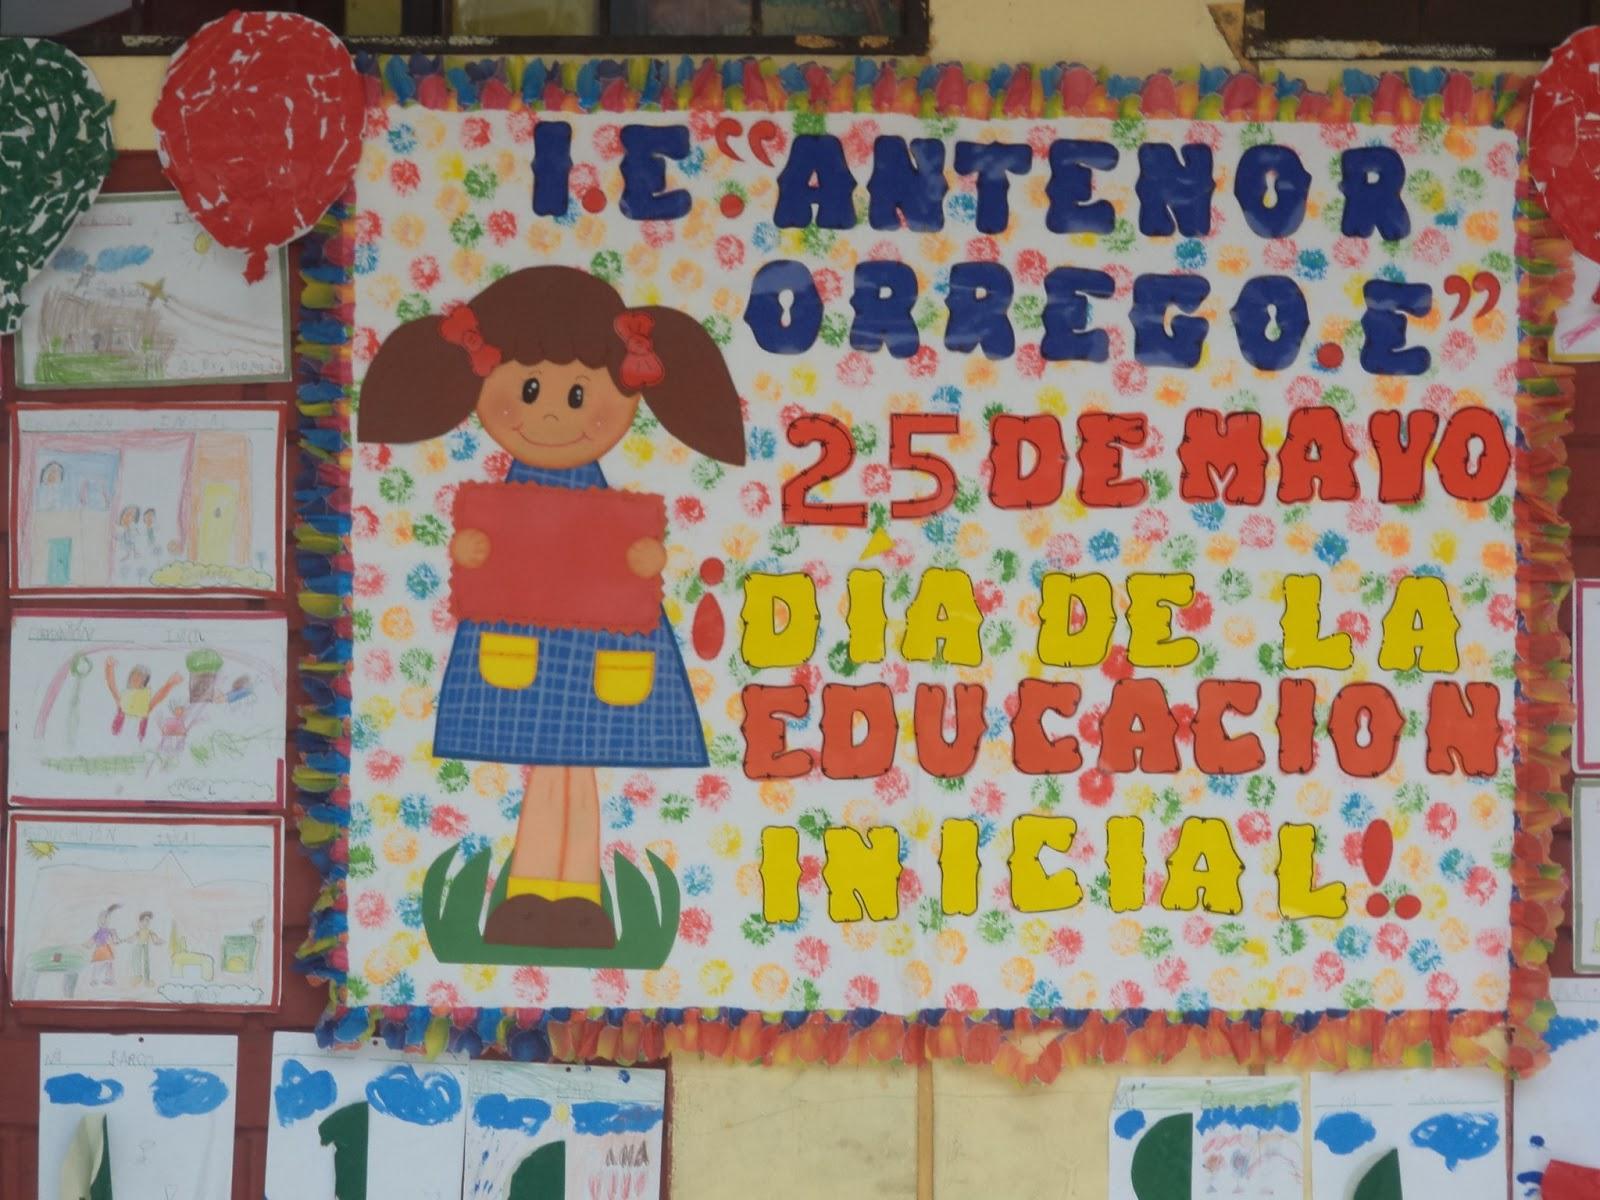 """ORREGO ESPINOZA"""" -ZÁRATE: Celebración del día de Educación Inicial"""